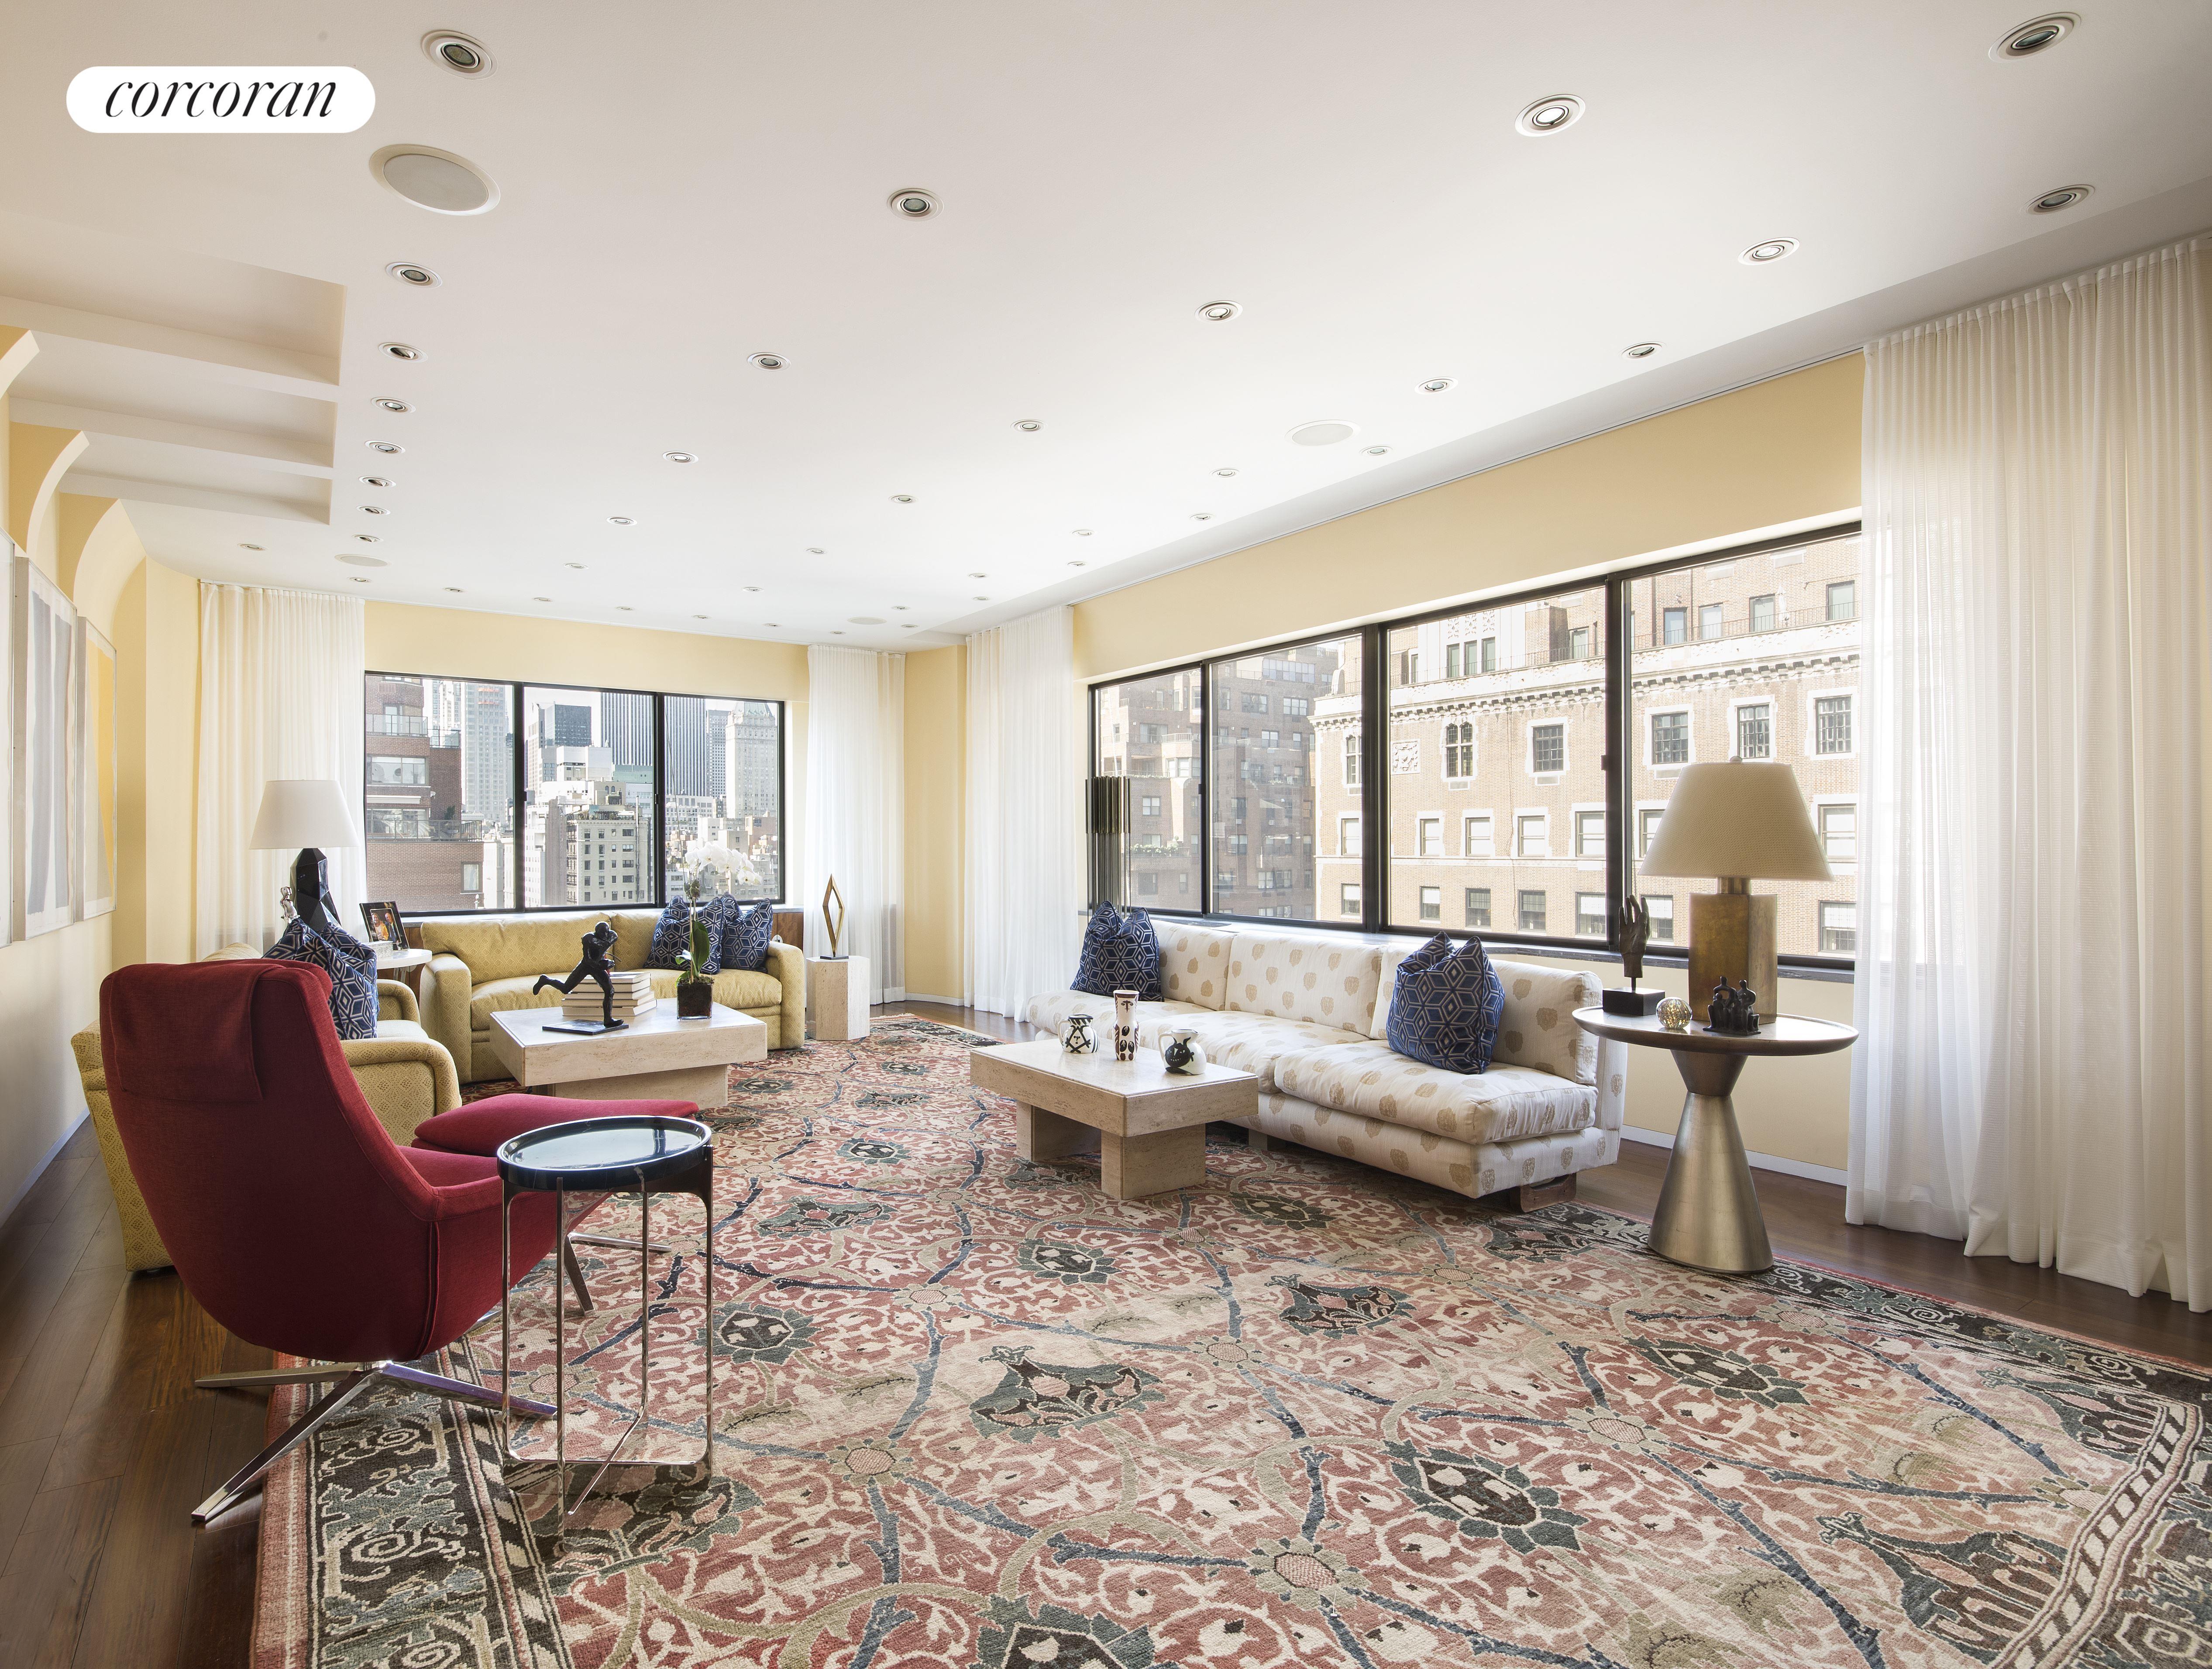 Corcoran, 733 Park Avenue, Apt. 14 FL, Upper East Side Real Estate ...